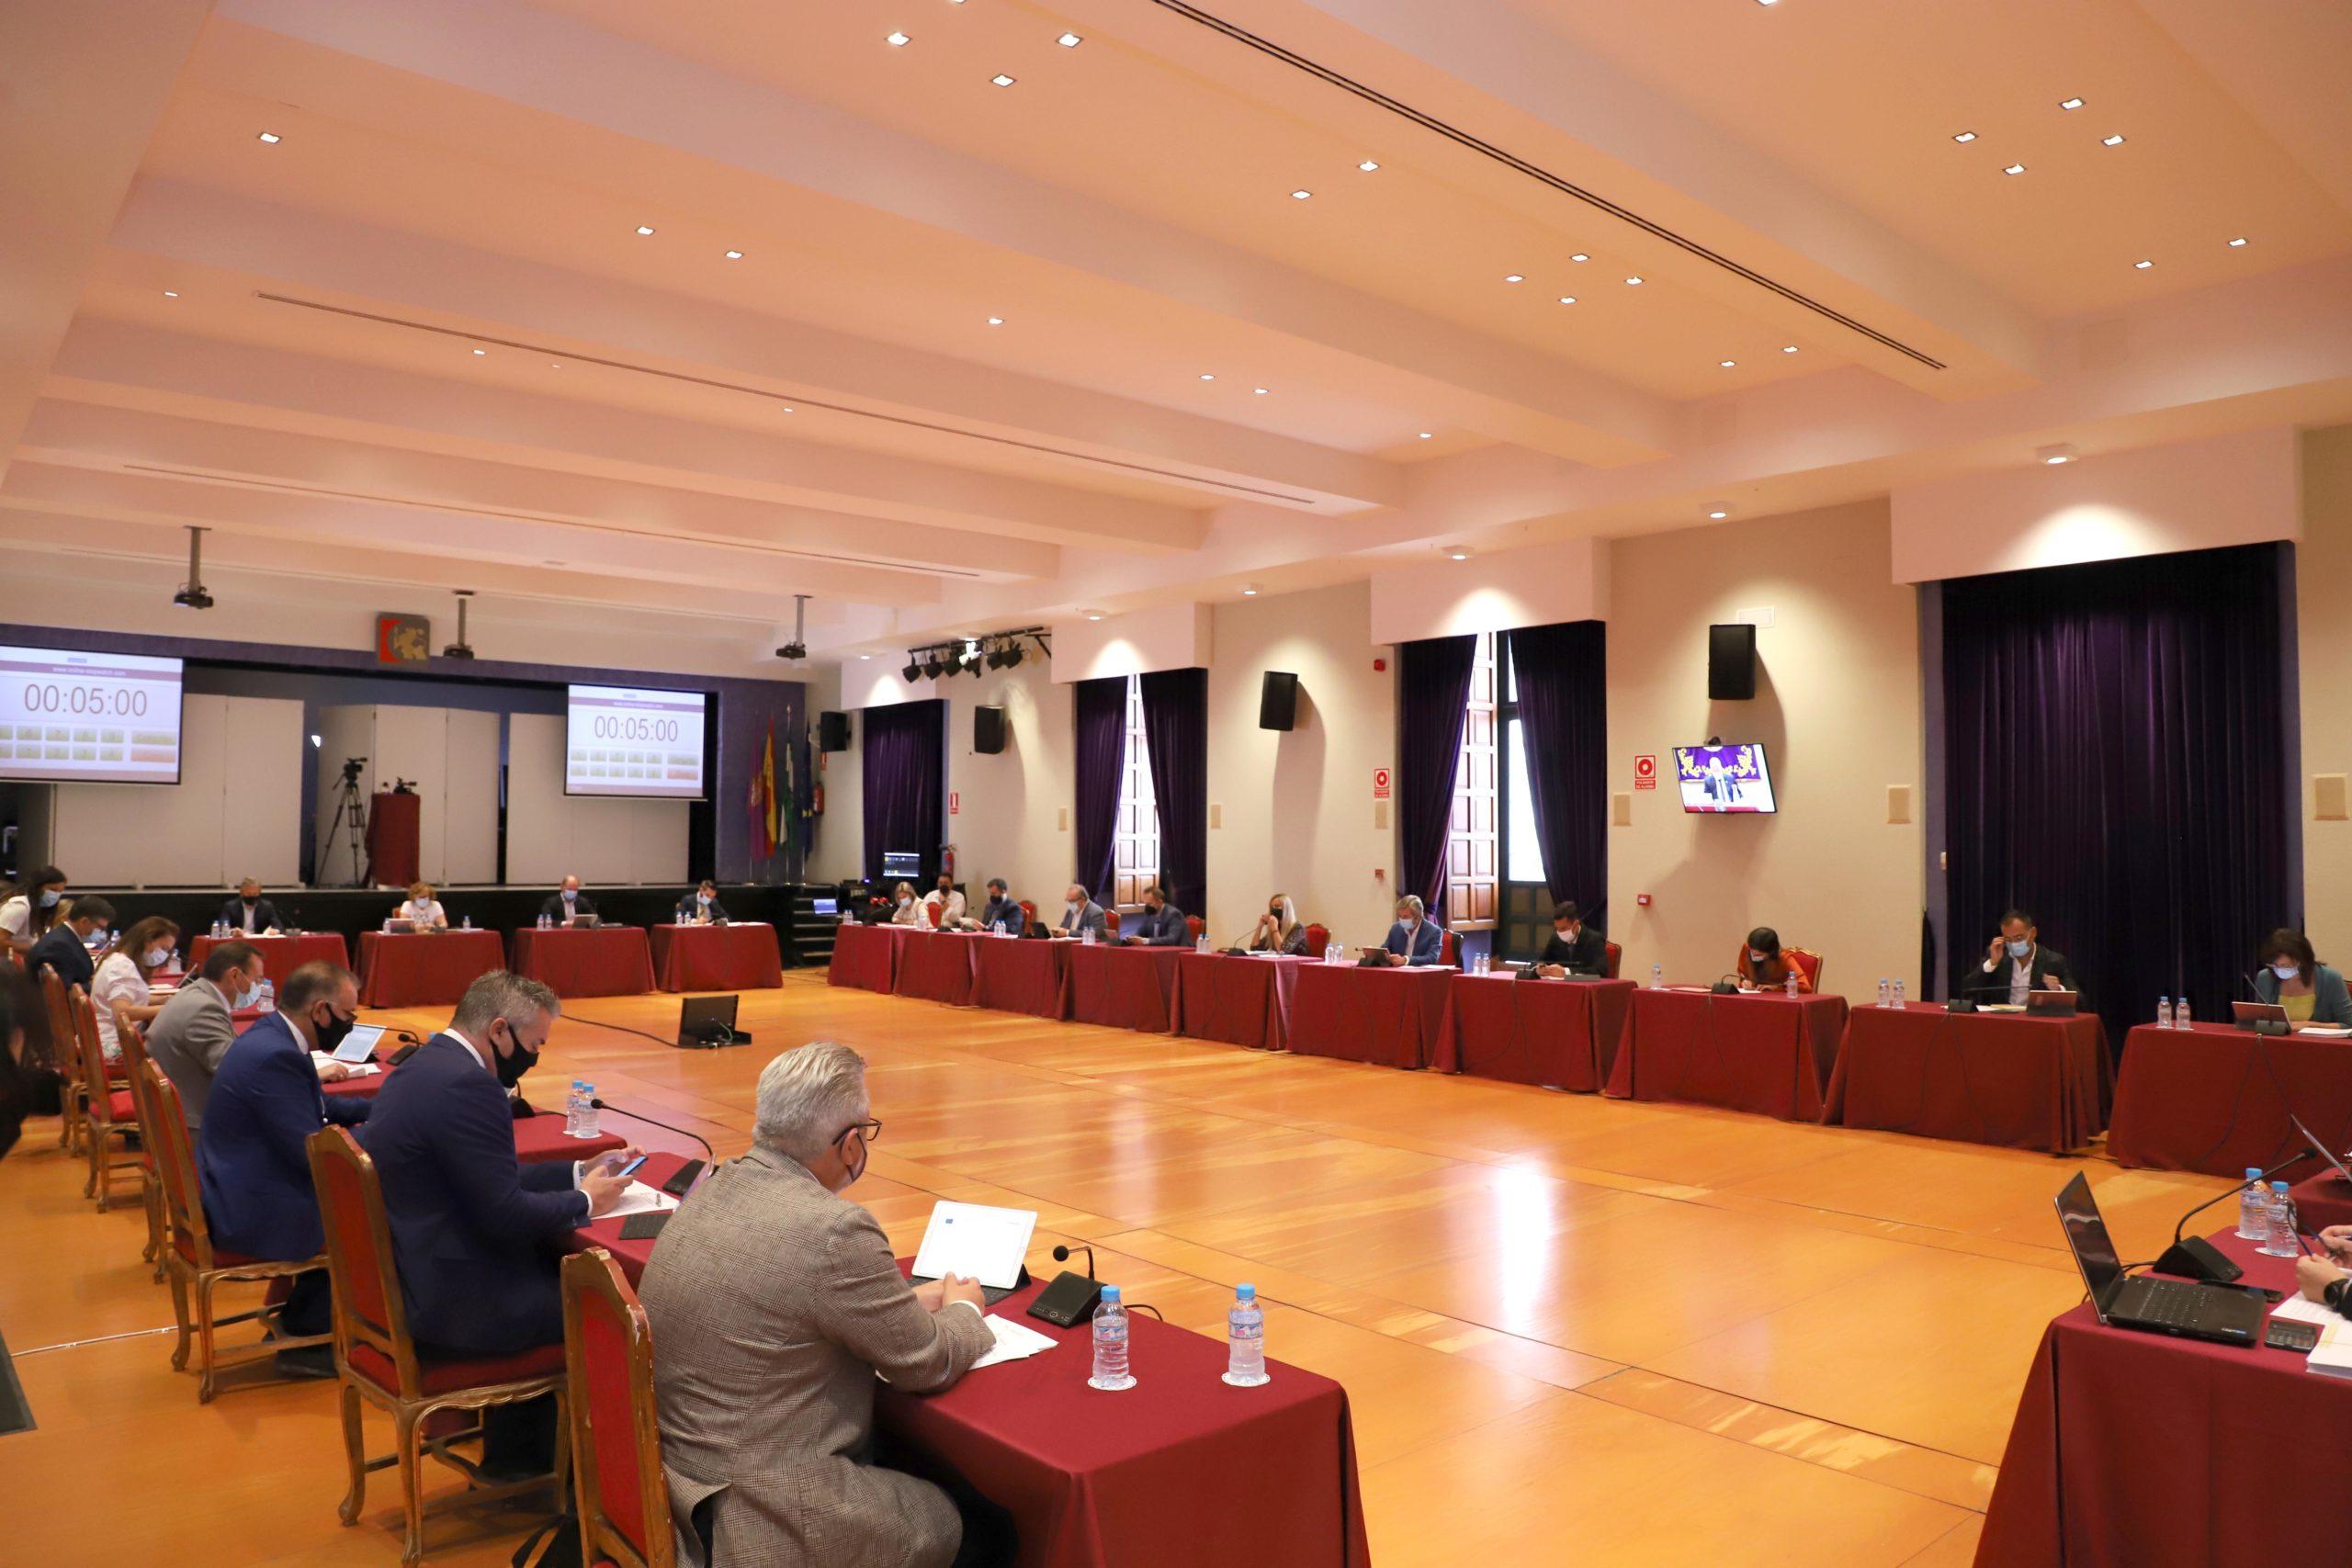 Prospera de forma definitiva el Plan de Asistencia Económica a Mancomunidades y se aprueba una modificación presupuestaria para el arreglo de carreteras provinciales